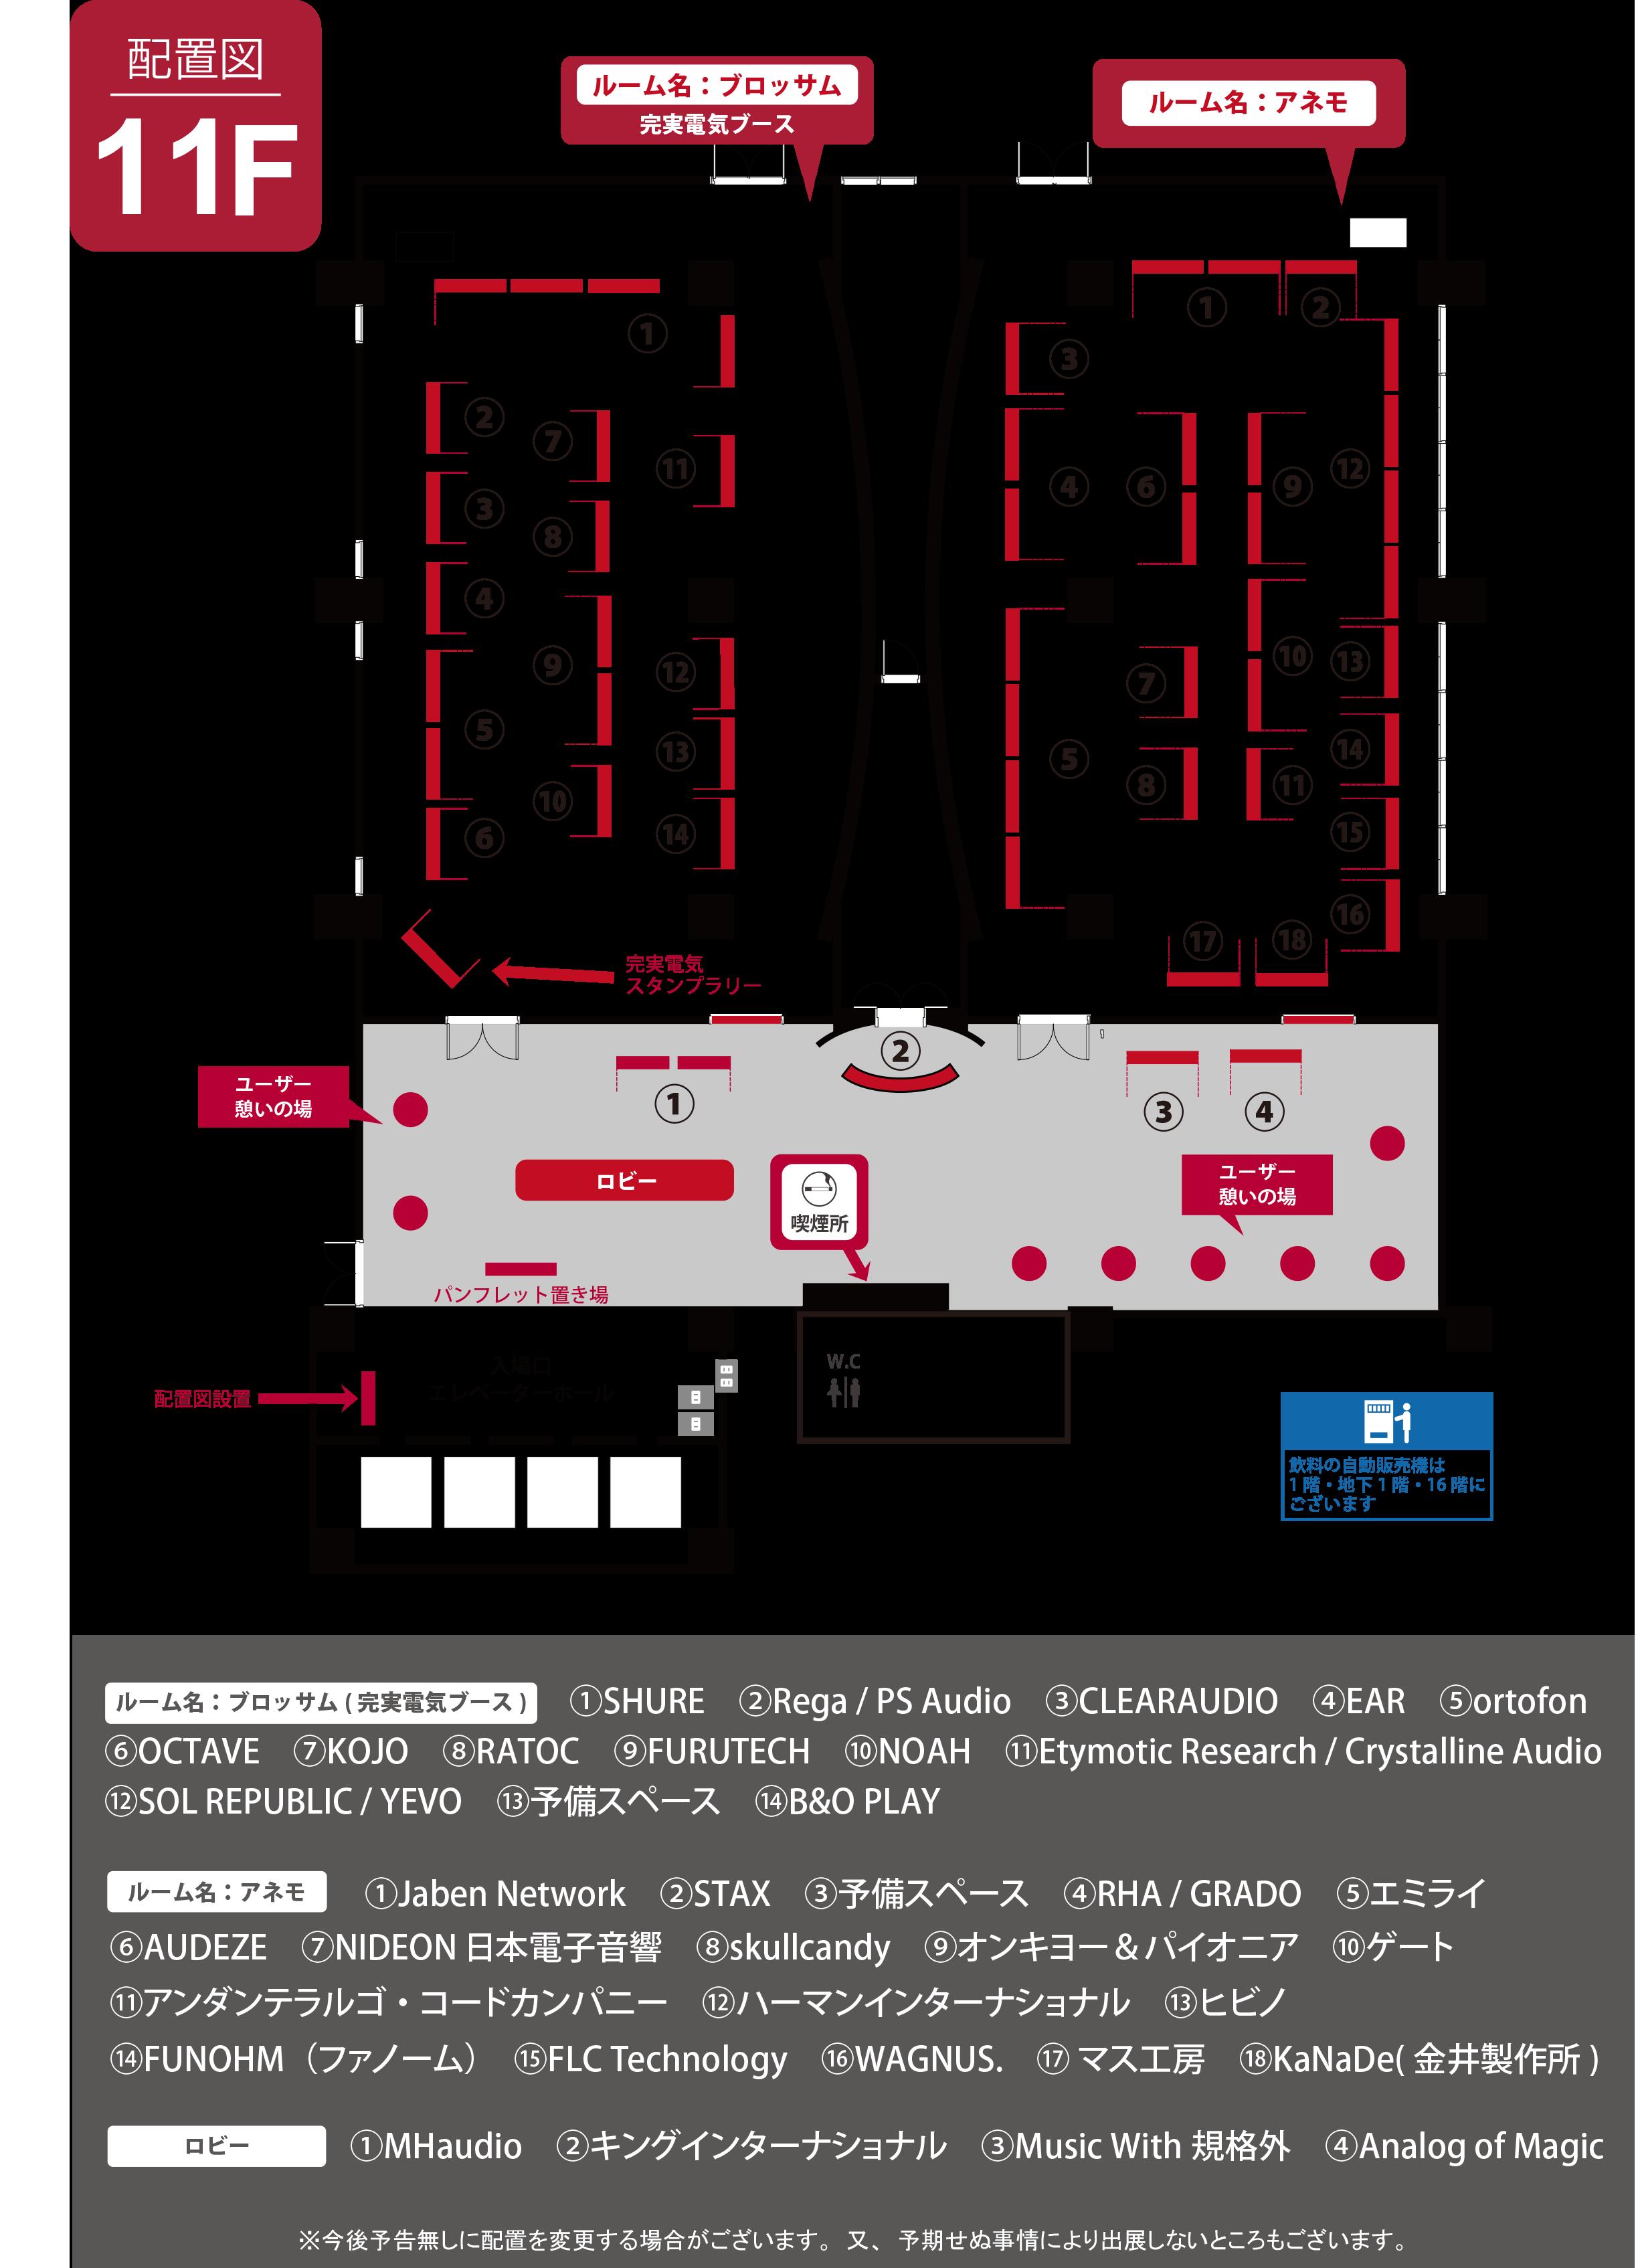 秋のヘッドフォン祭 2018(TOKYO HEADPHONE FESTIVAL 2018 AUTUMN):11F